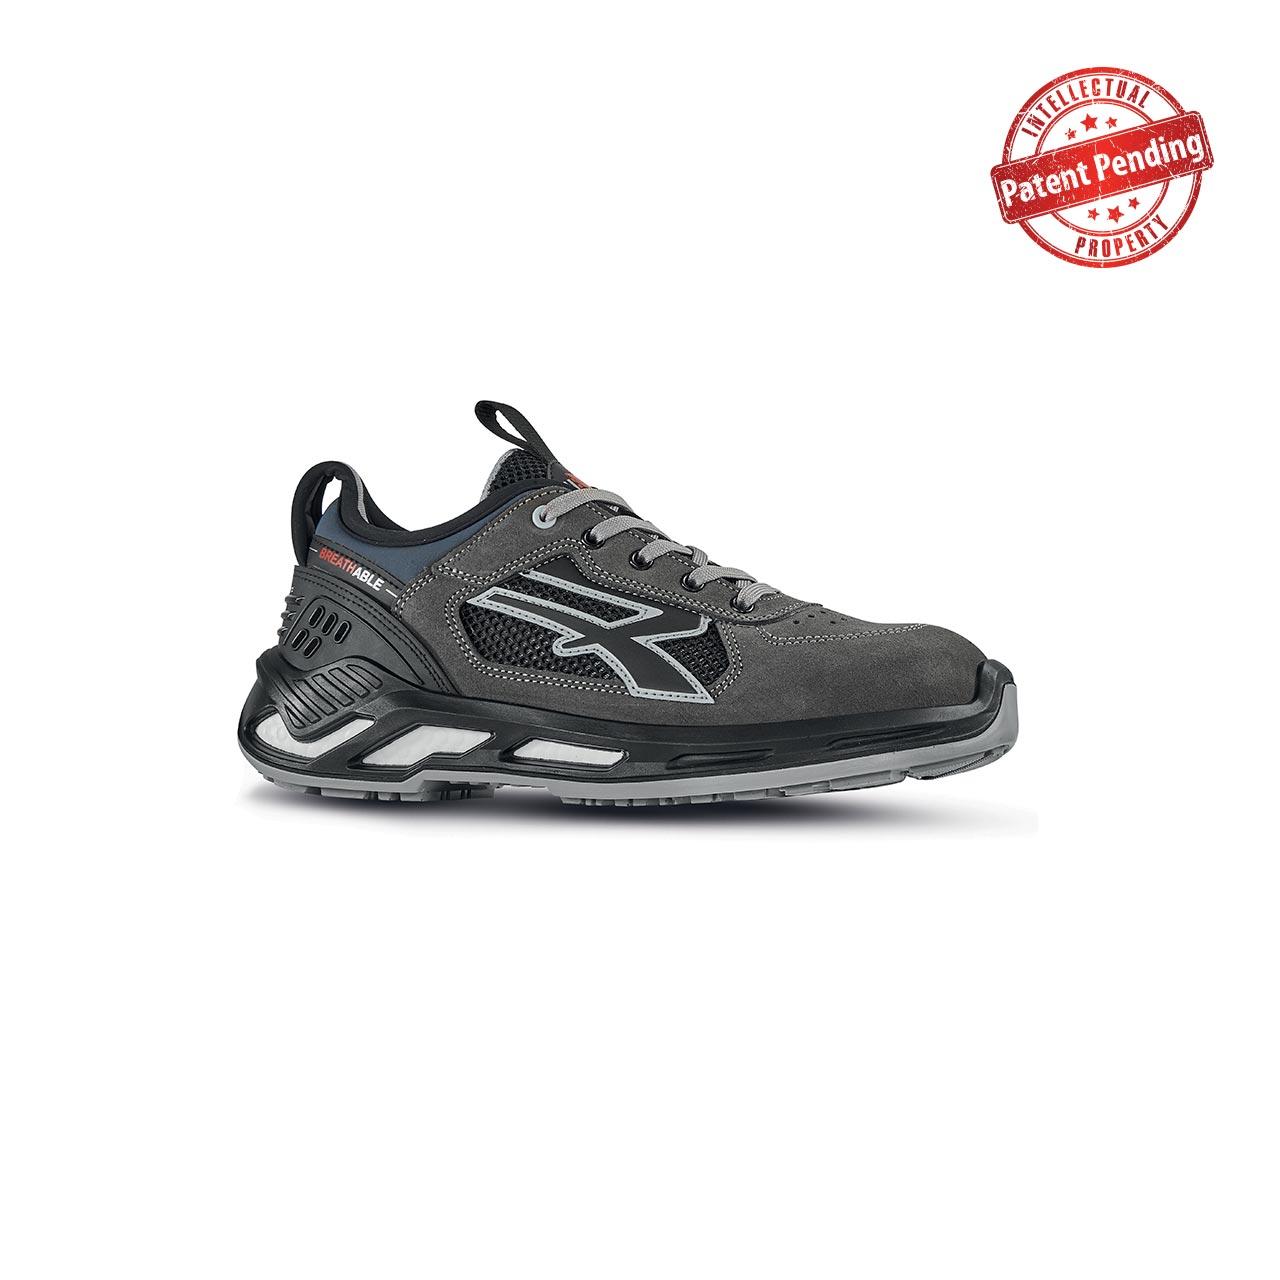 scarpa antinfortunistica upower modello saber linea red360 vista laterale